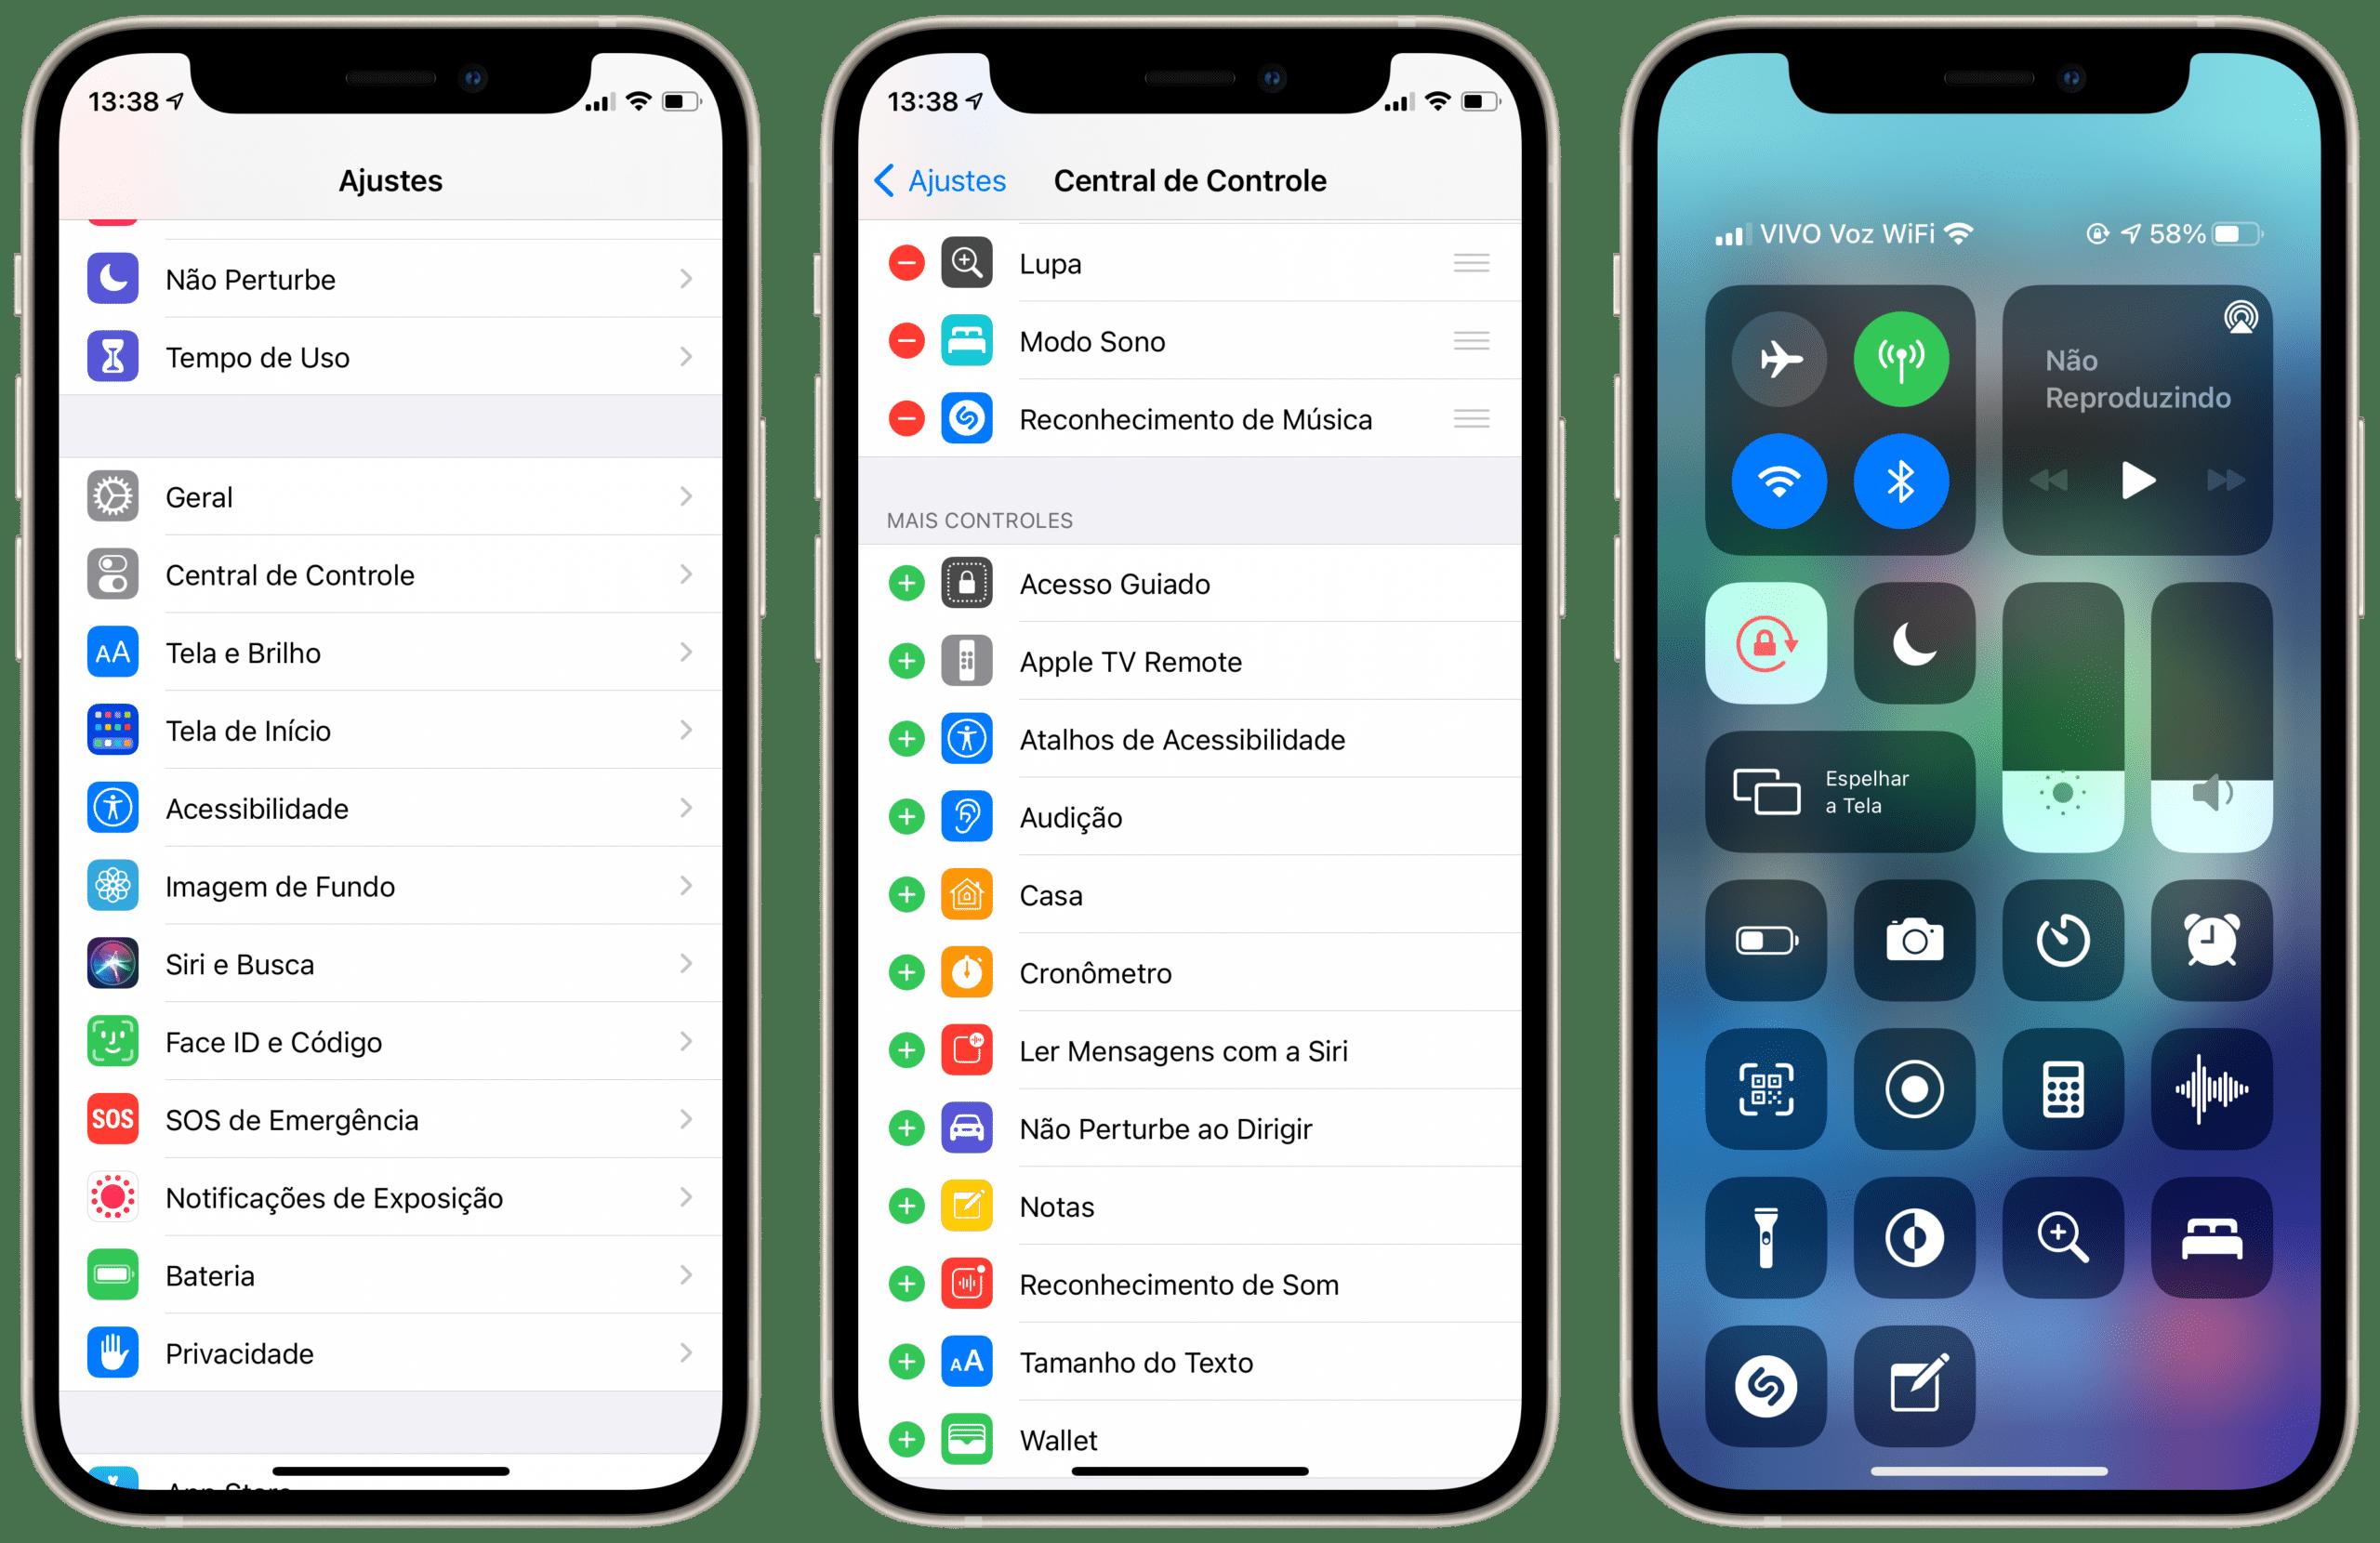 Notas na Central de Controle do iOS